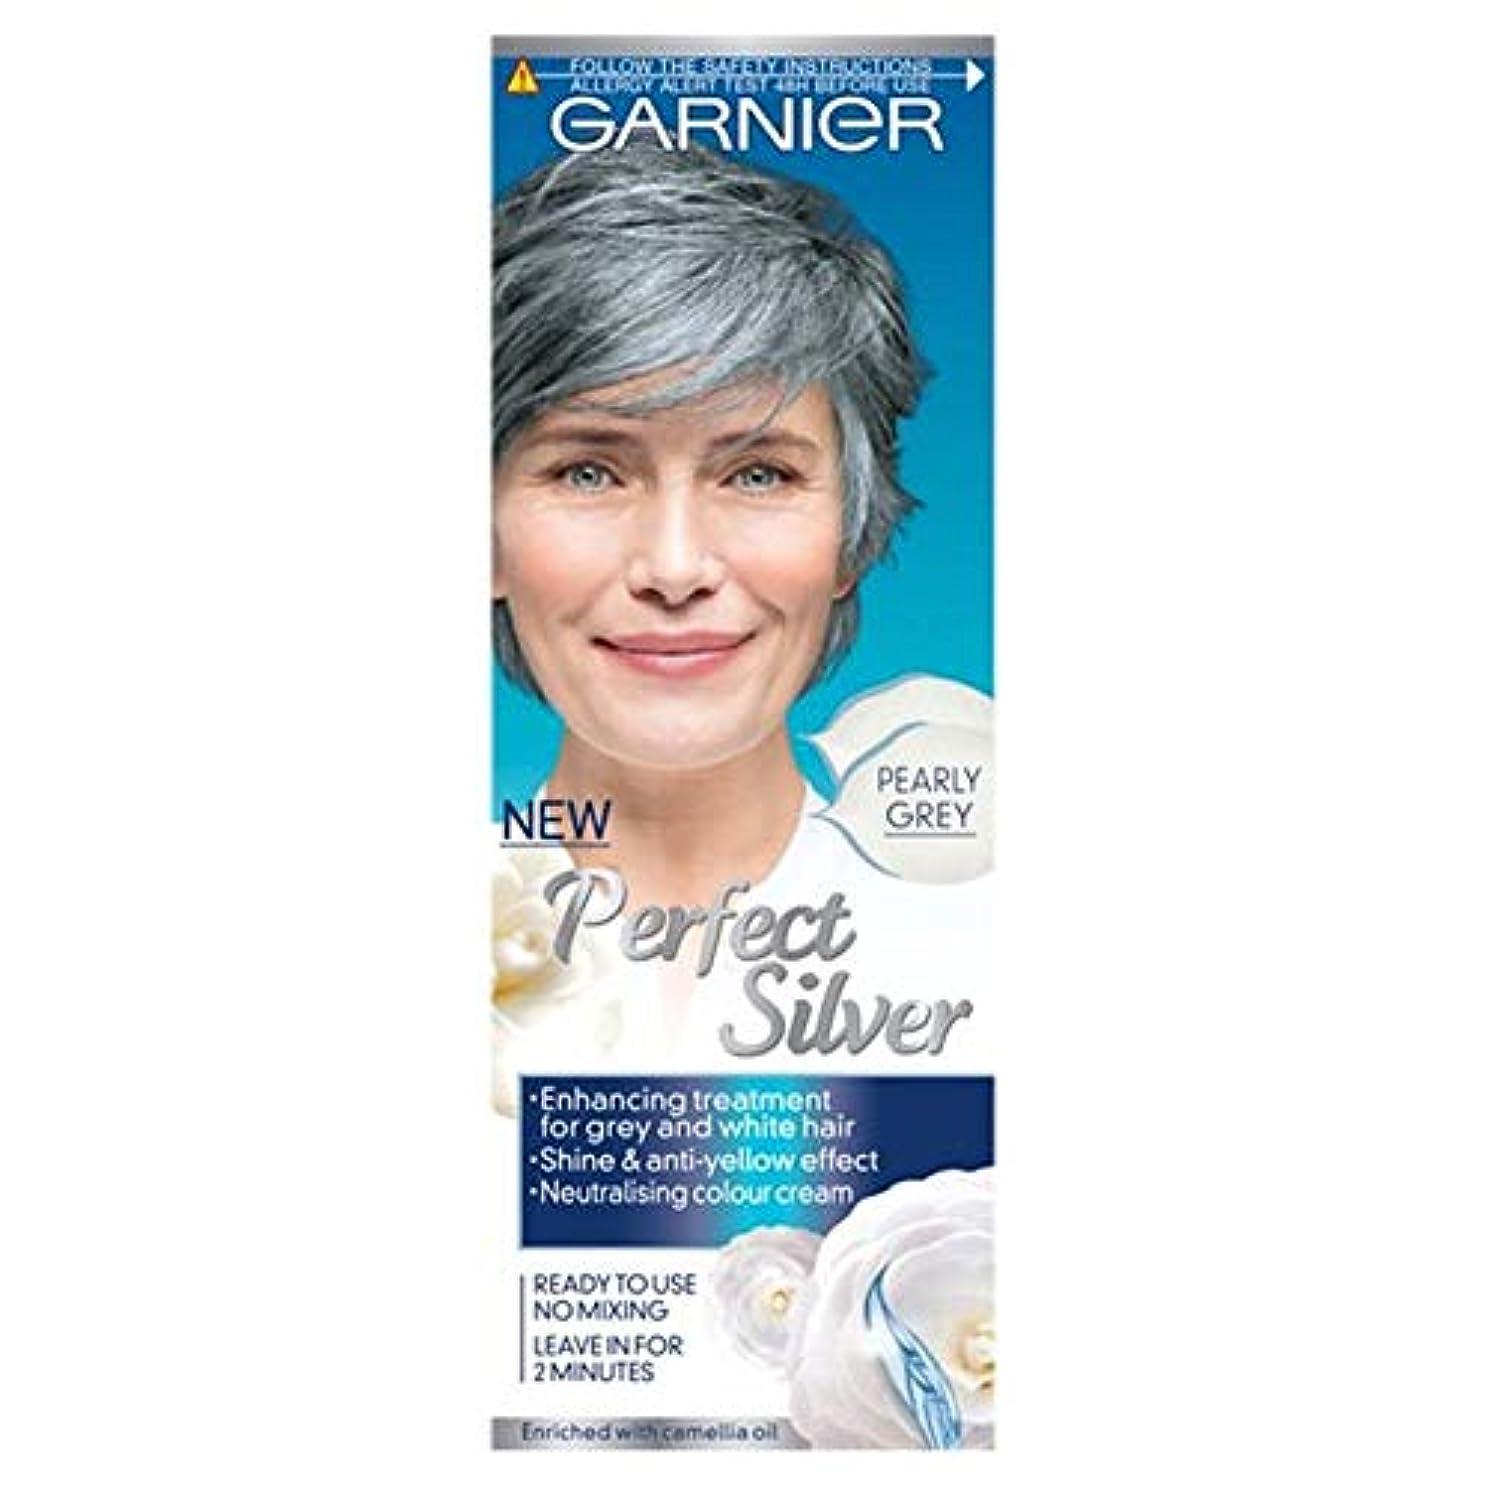 冒険者緩める基準[Nutrisse] ガルニエ完璧なシルバー、パールグレー80ミリリットル - Garnier Perfect Silver Pearly Grey 80Ml [並行輸入品]